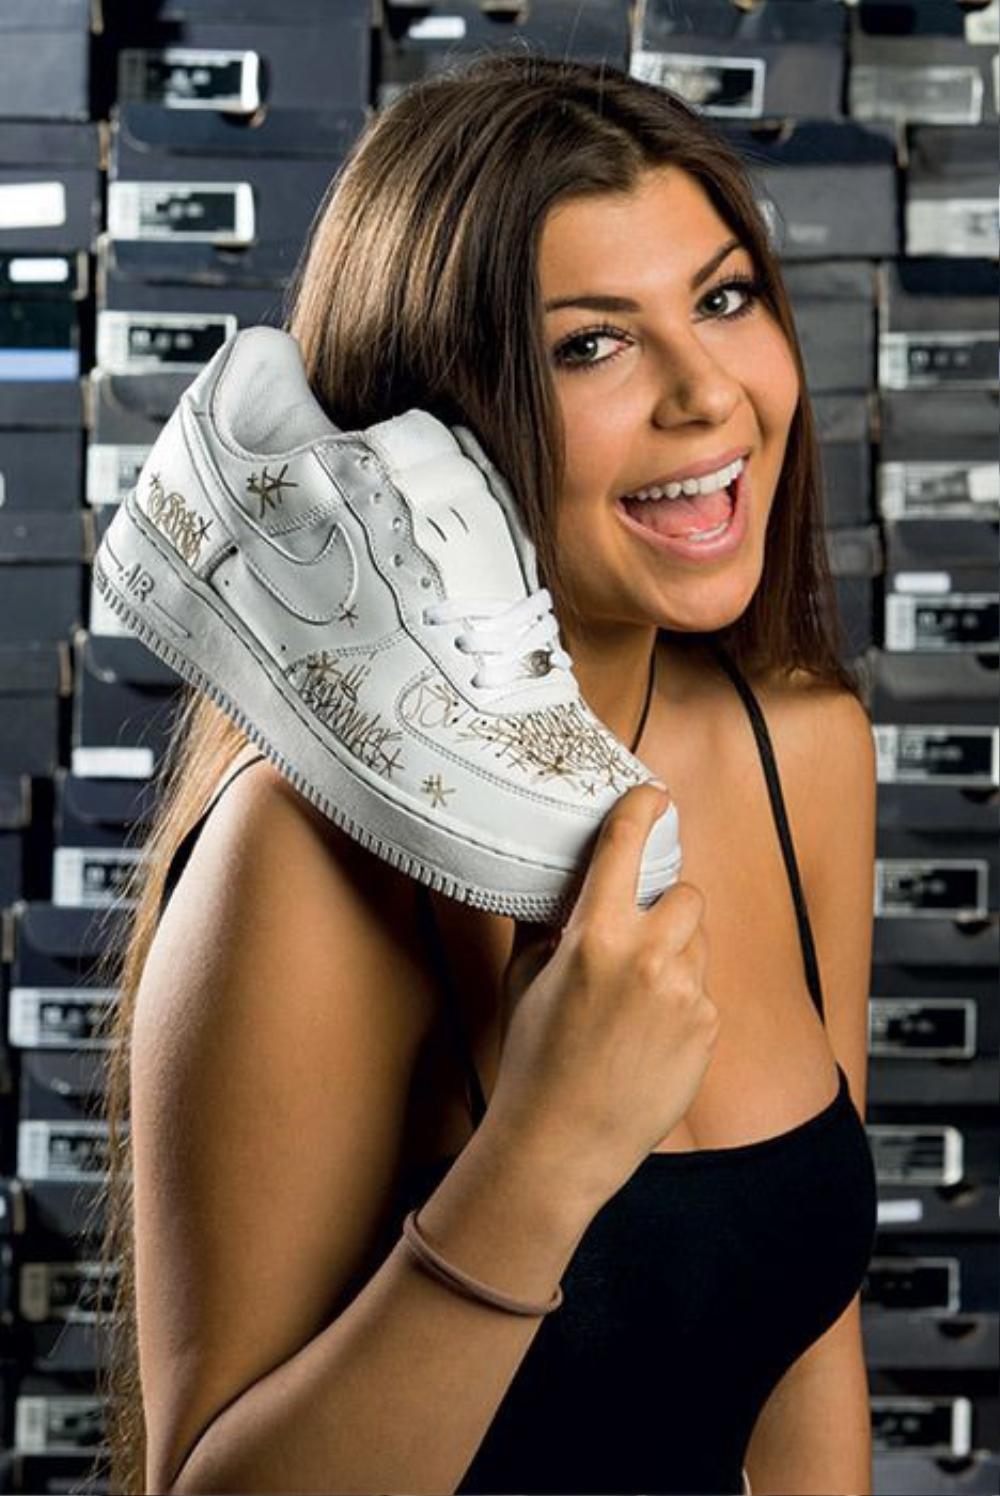 Choáng ngợp vì tủ giày sneaker lớn nhất thế giới hơn 6000 đôi Ảnh 2